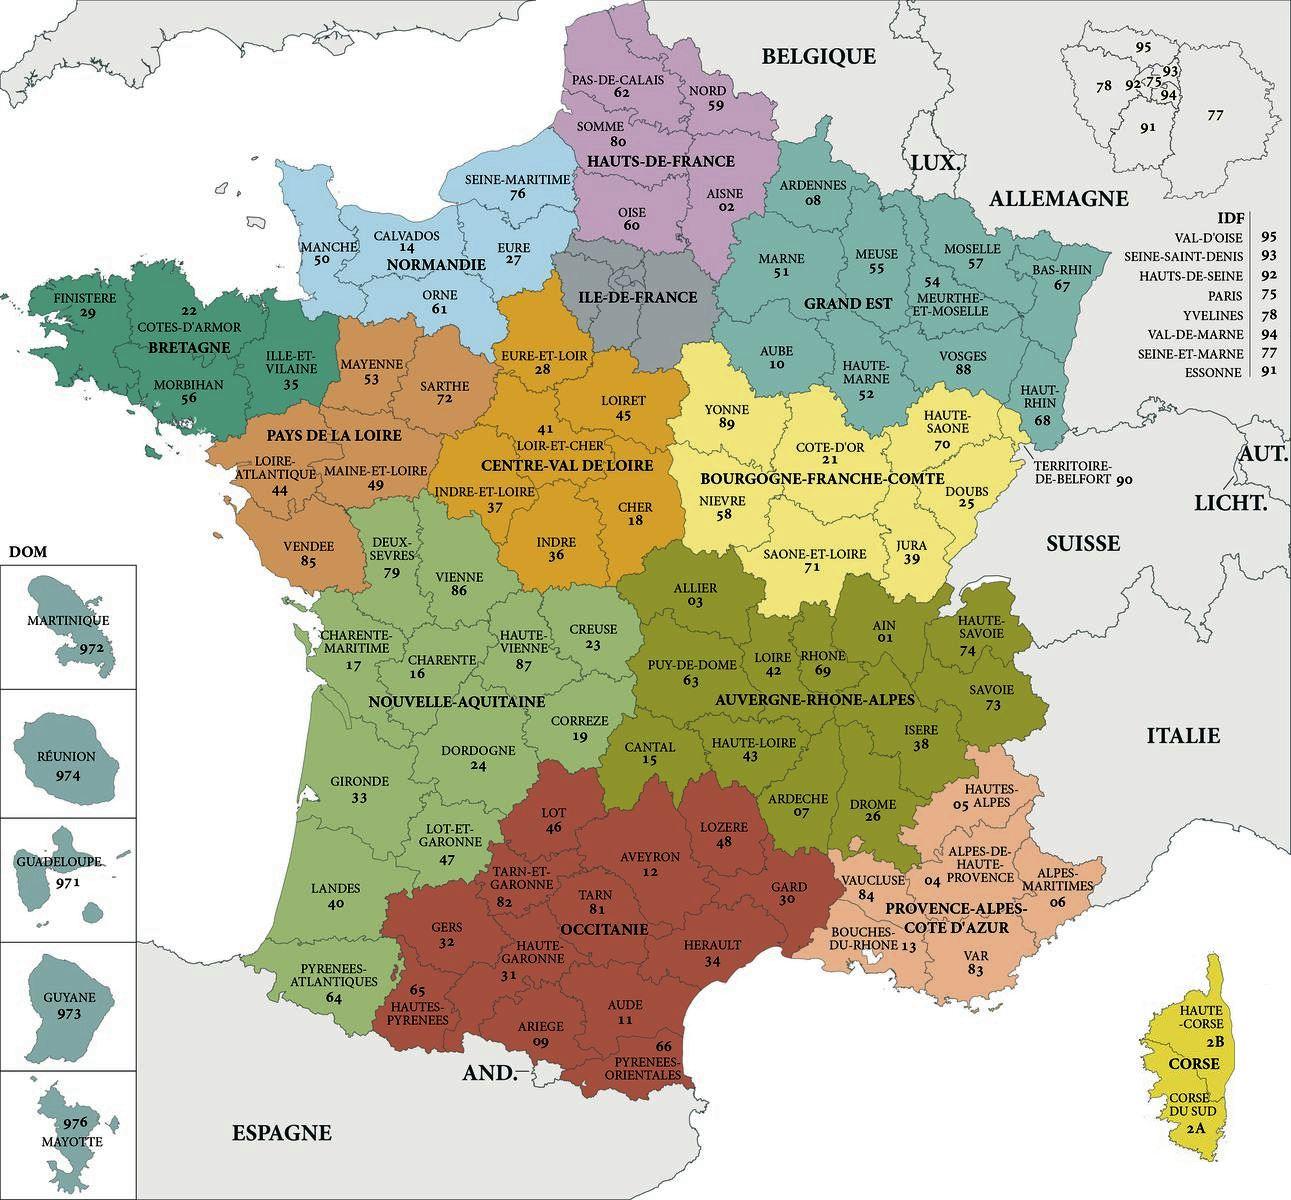 Carte De France Departements : Carte Des Départements De France intérieur Listes Des Départements Français